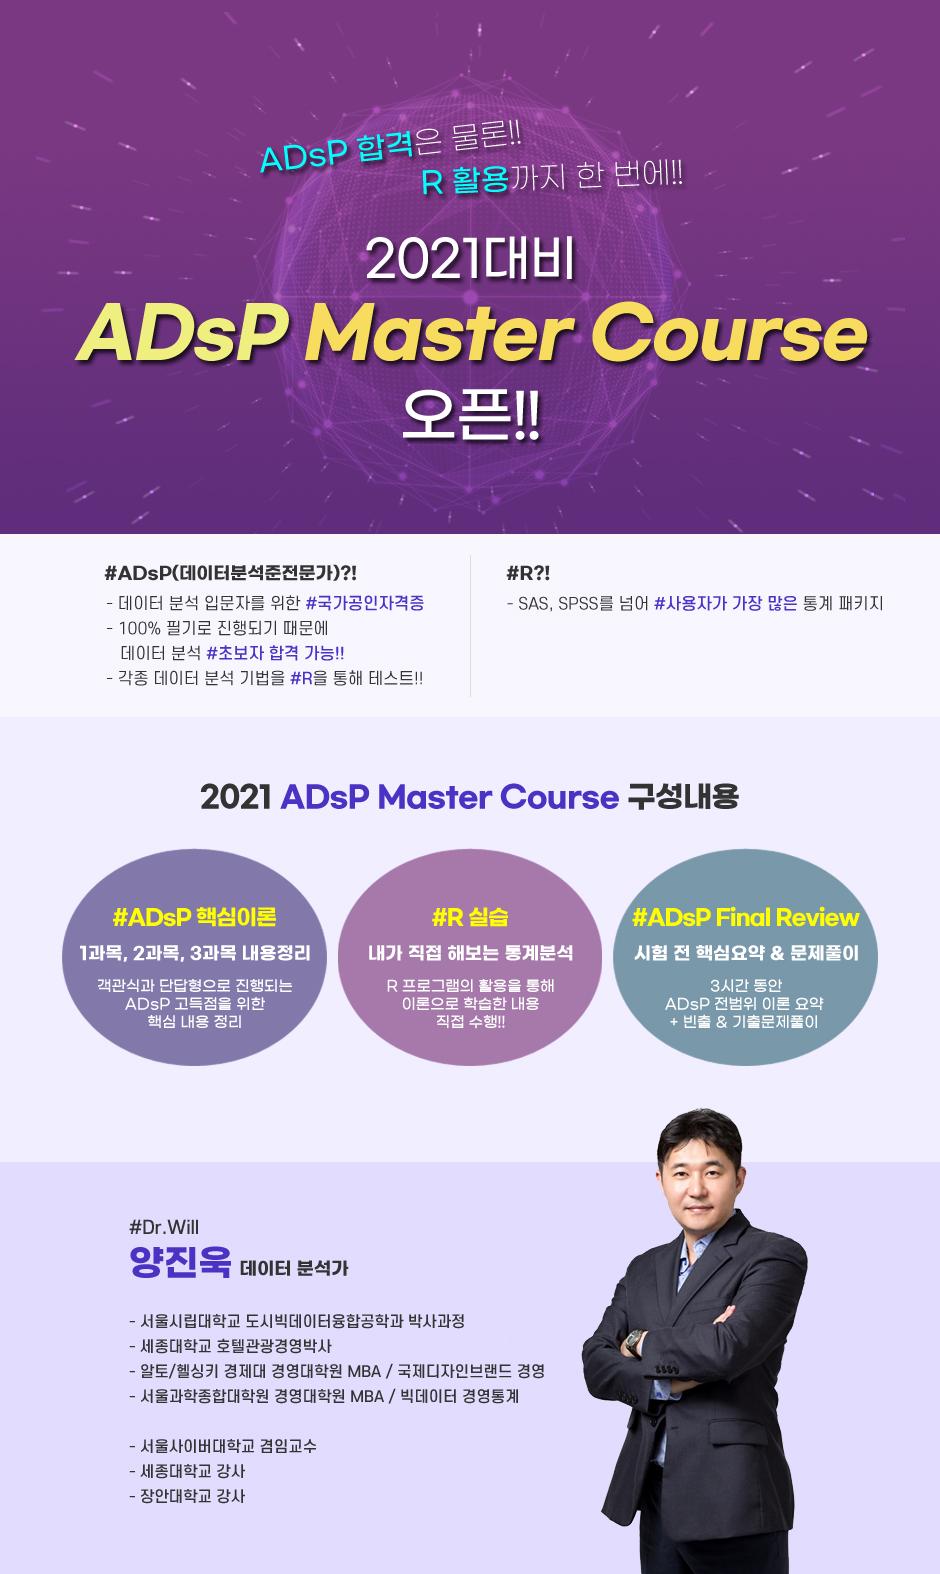 2021대비 ADsP Master Course 오픈